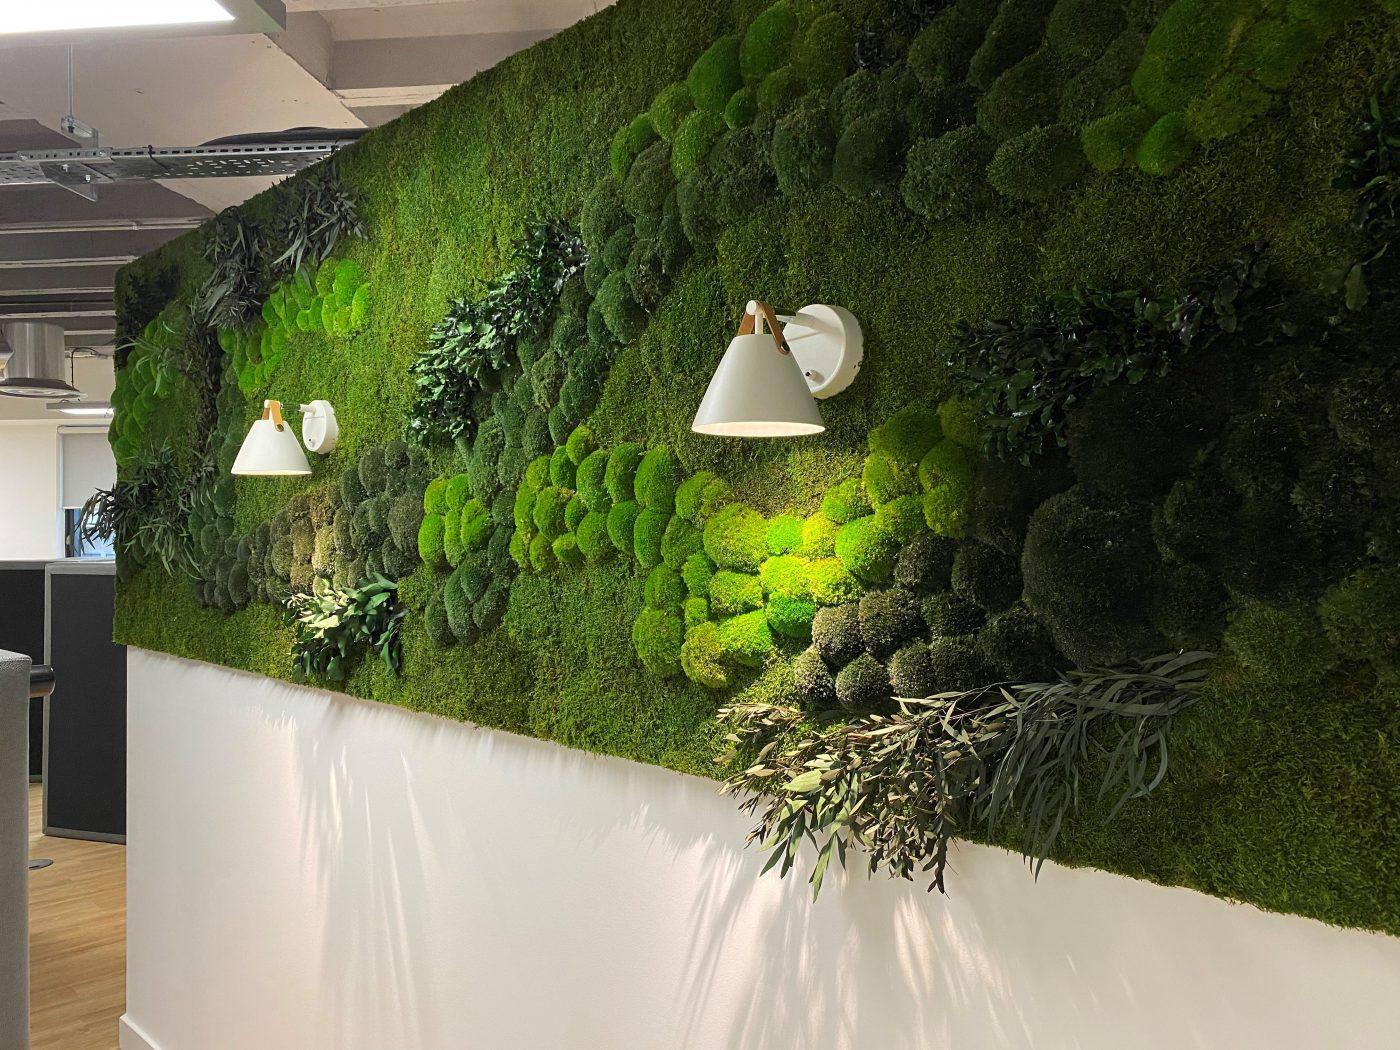 NATUREMOSS - Moss & Foliage - Landscape & Jungle